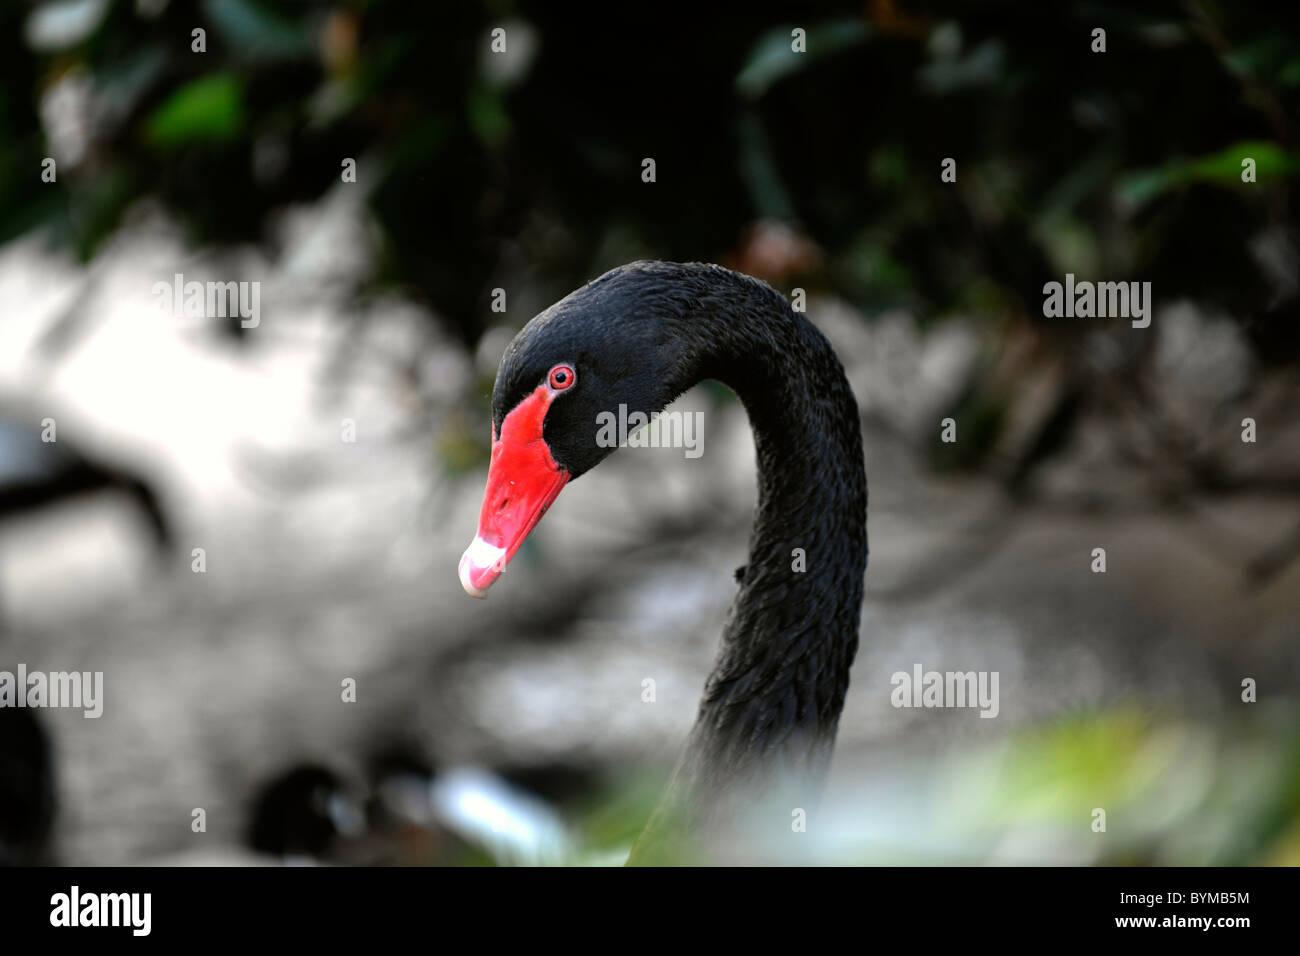 Portrait d'un cygne noir dans un environnement de feuillage. Photo Stock